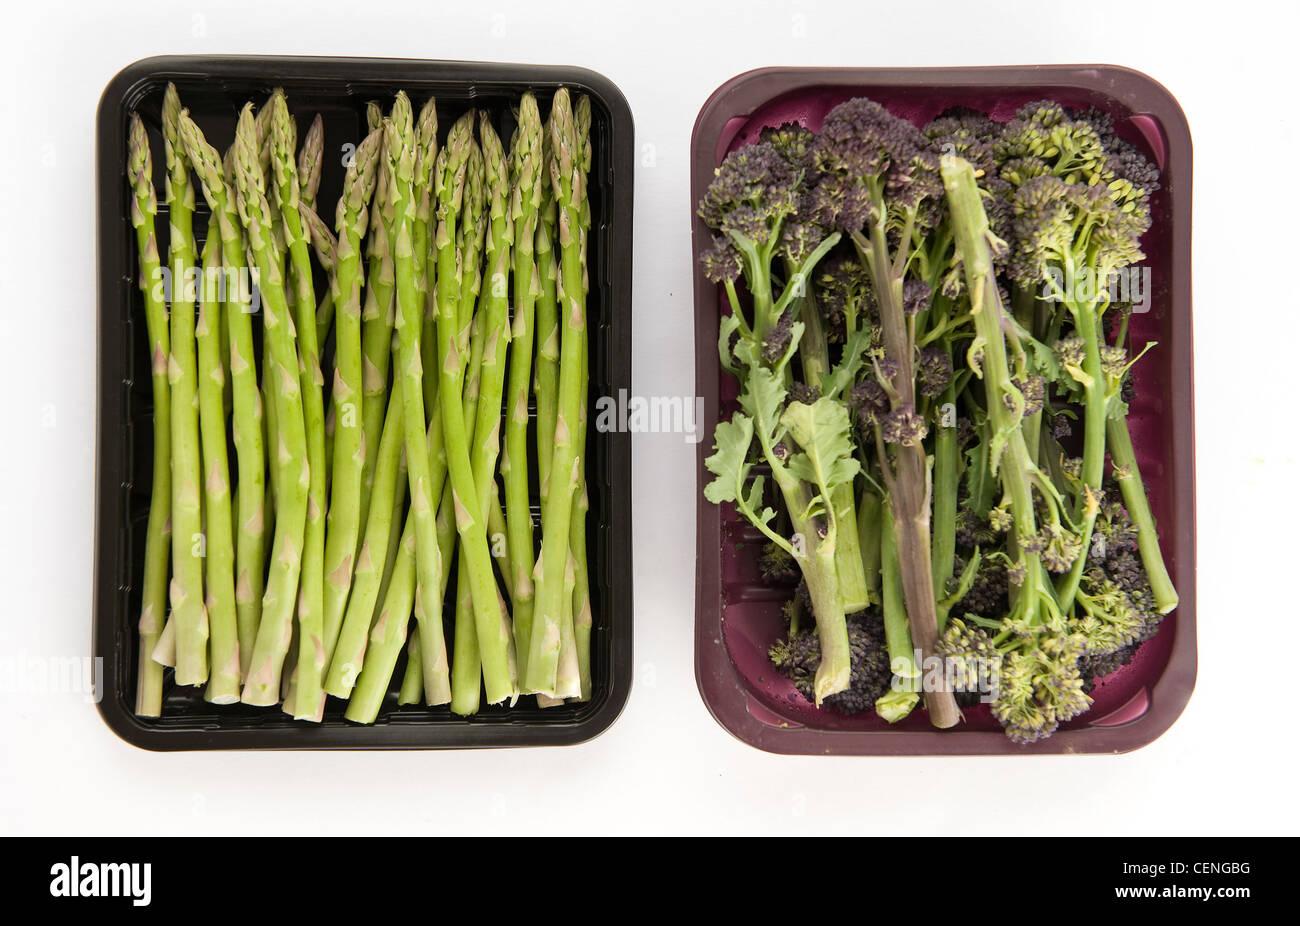 Ein Stillleben Bild von Spargel und lila Brokkoli in schwarz und lila Kunststoff-Behältern Stockbild